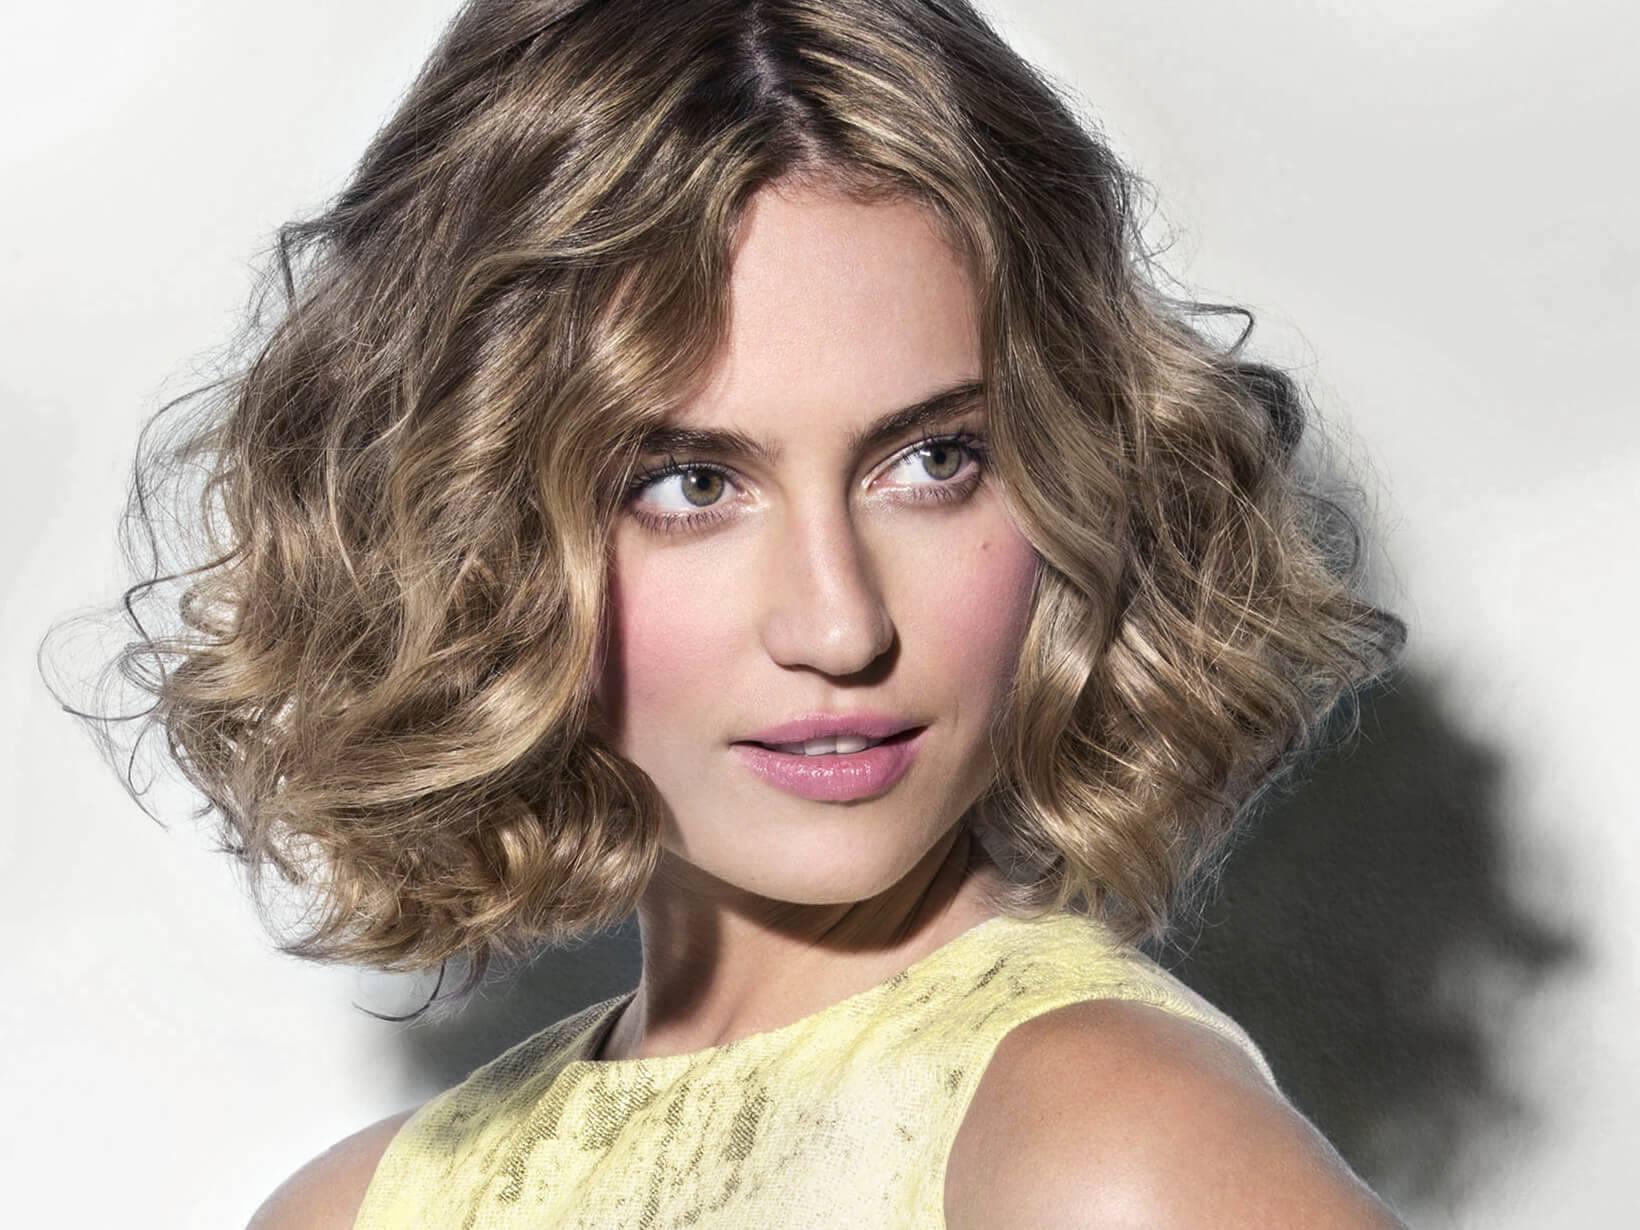 Dirndl Frisuren Offene Haare  Dirndl Frisuren Trachtenfrisuren zum Nachmachen – NIVEA